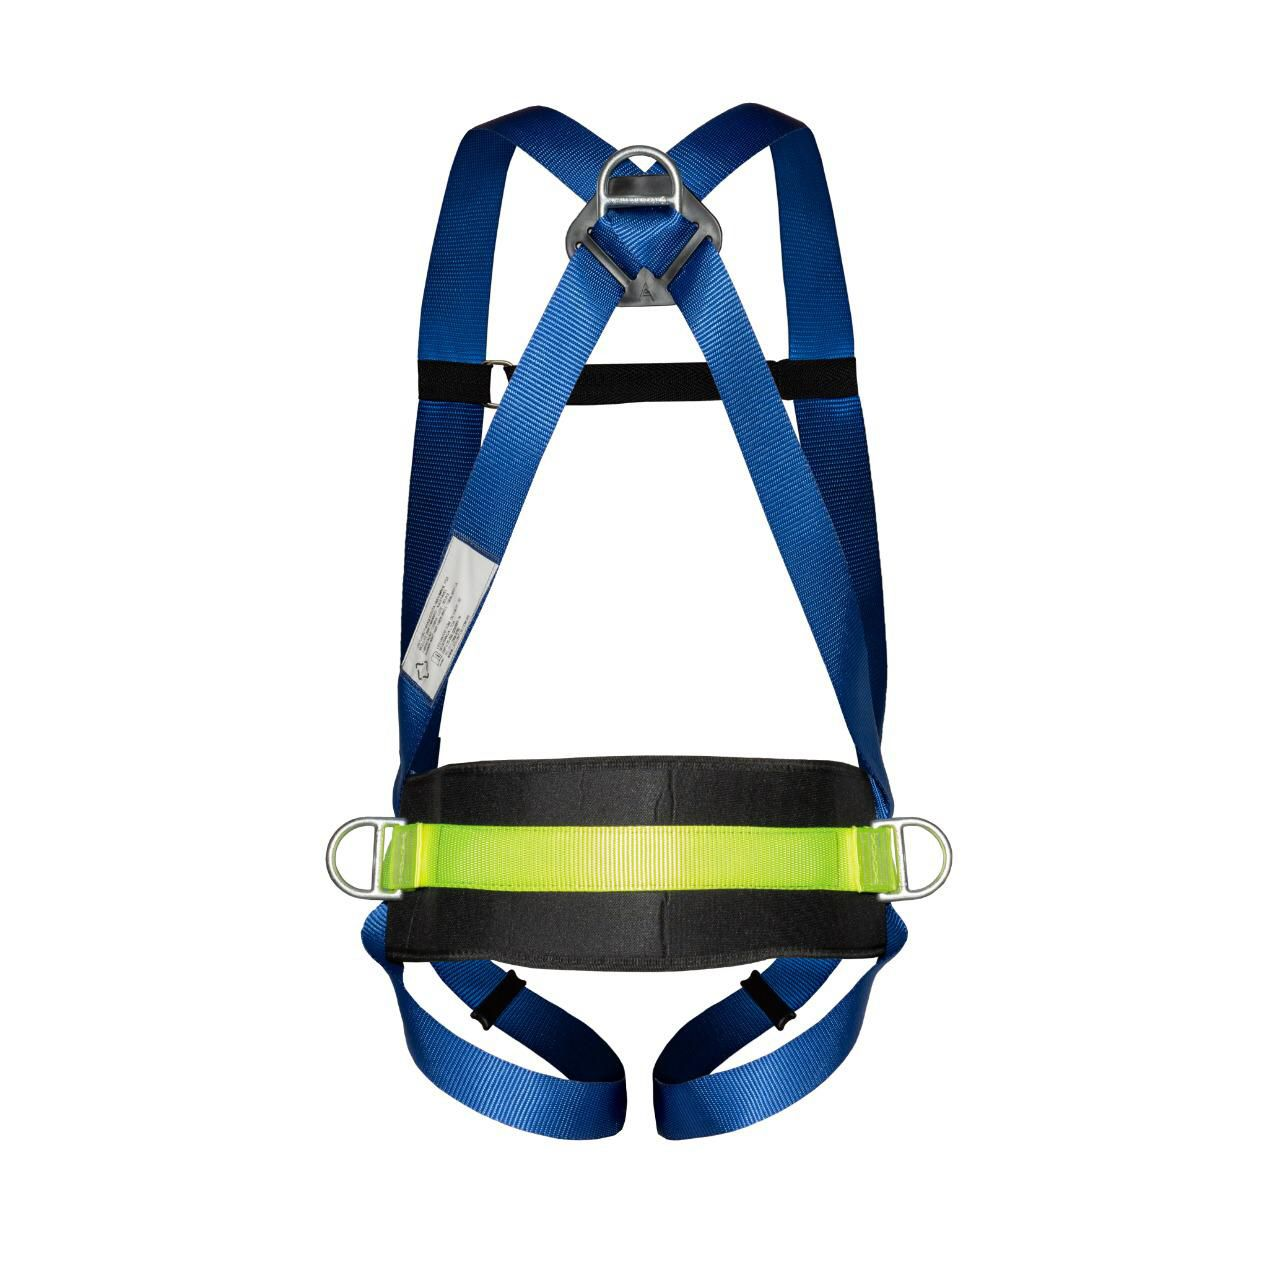 Cinturão Paraquedista Life 2004 3 Pontos Com Talabarte I Com ABS 6002-A